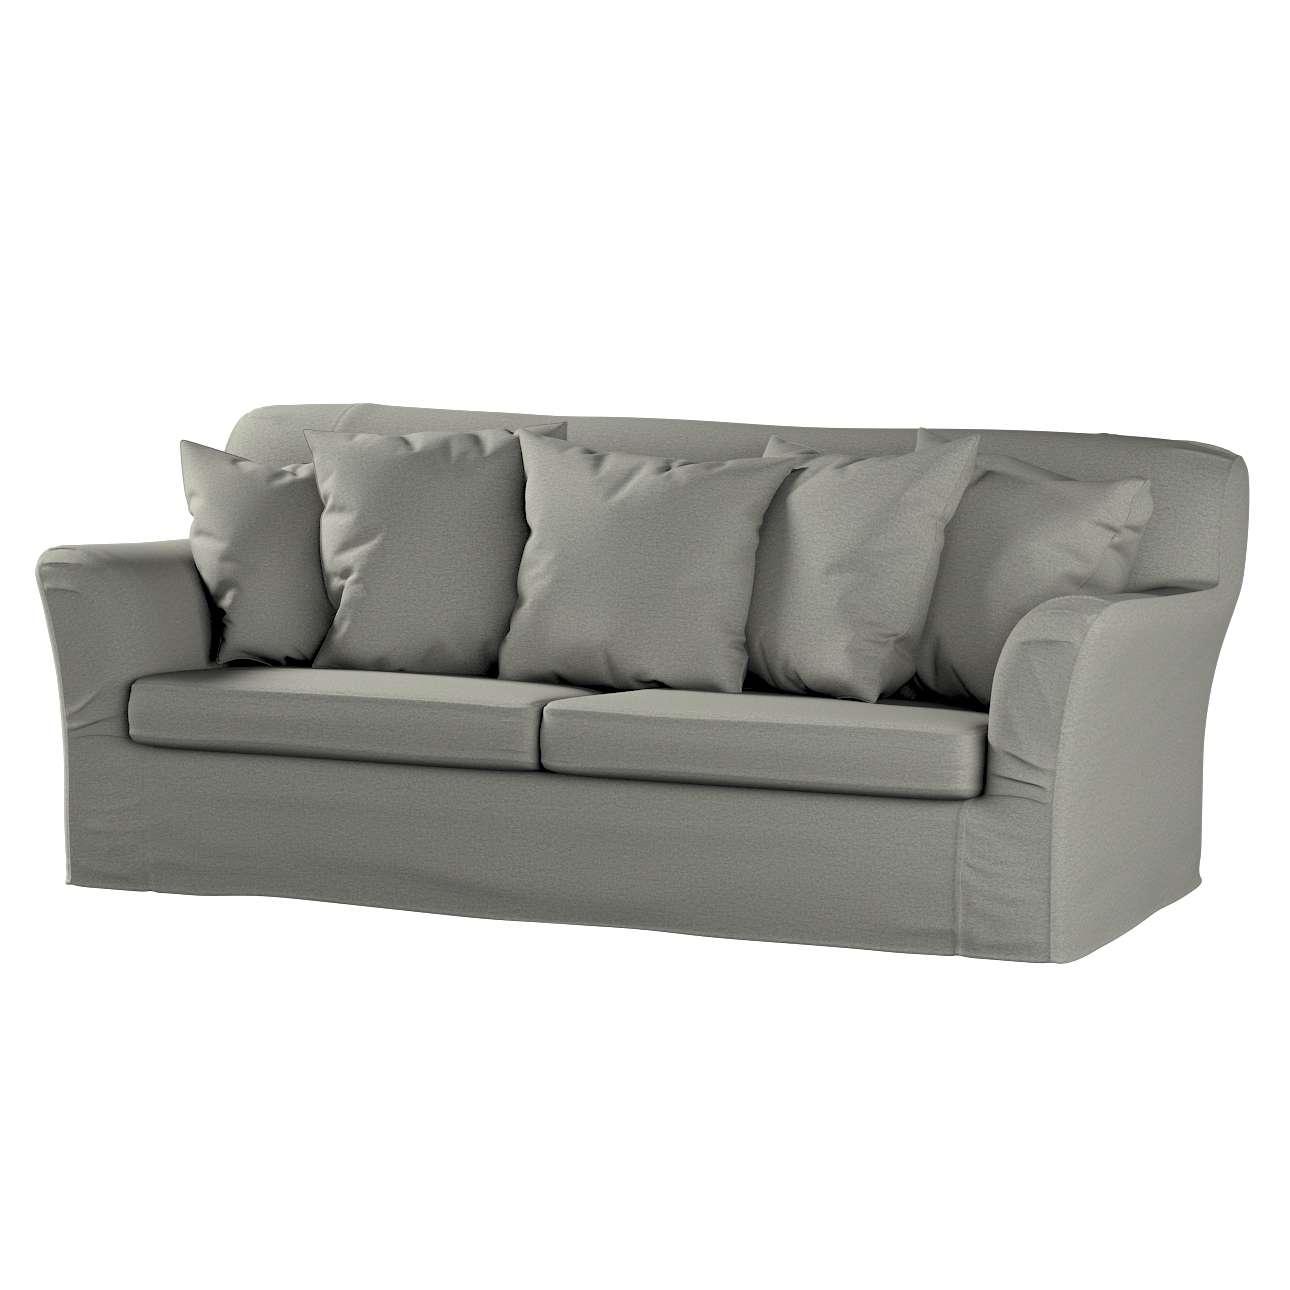 Pokrowiec na sofę Tomelilla 3-osobową rozkładaną w kolekcji Etna, tkanina: 161-25